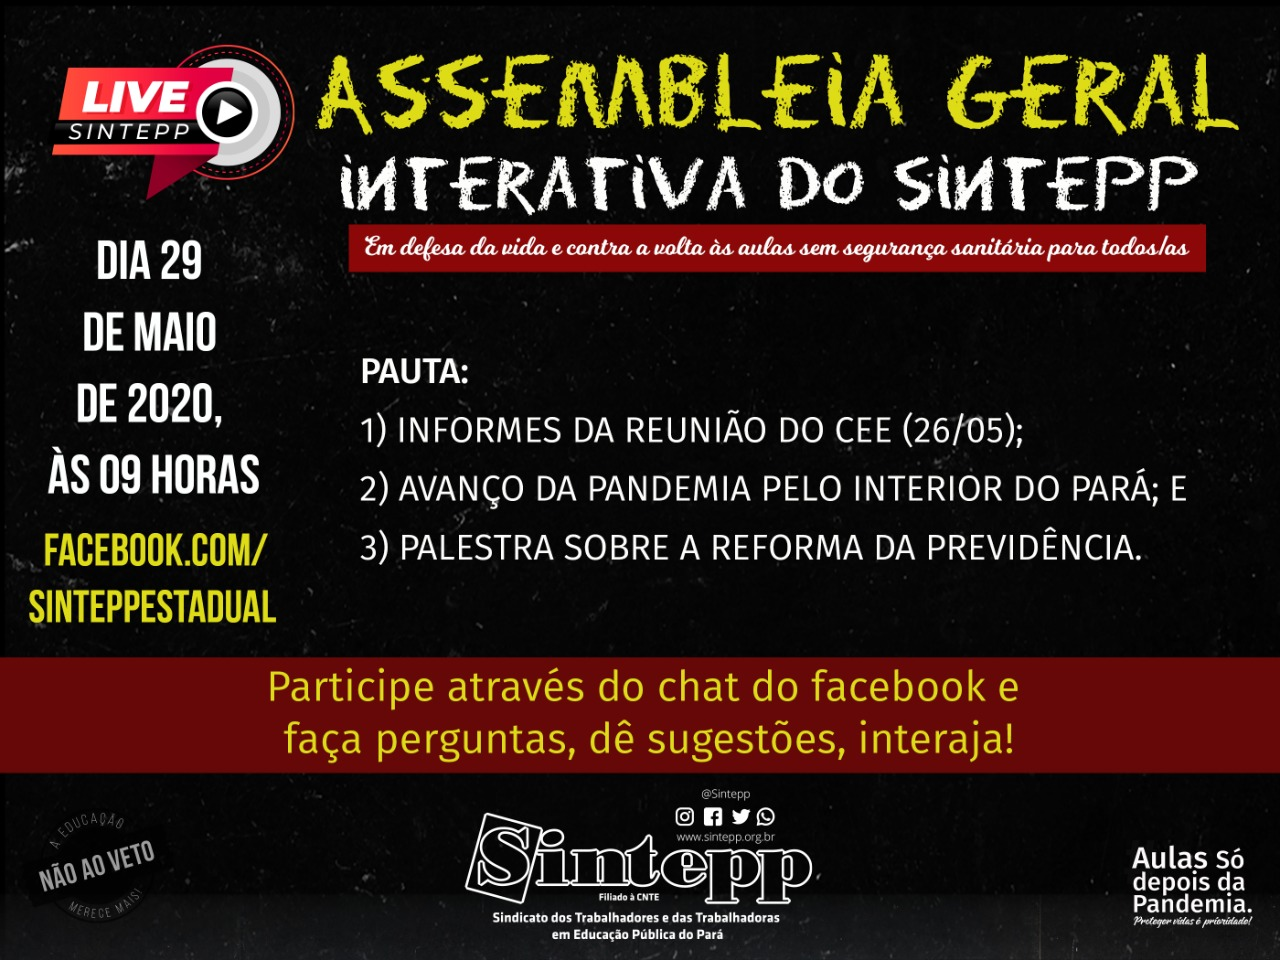 29 de maio – 9h – Assembleia Geral Interativa do SINTEPP